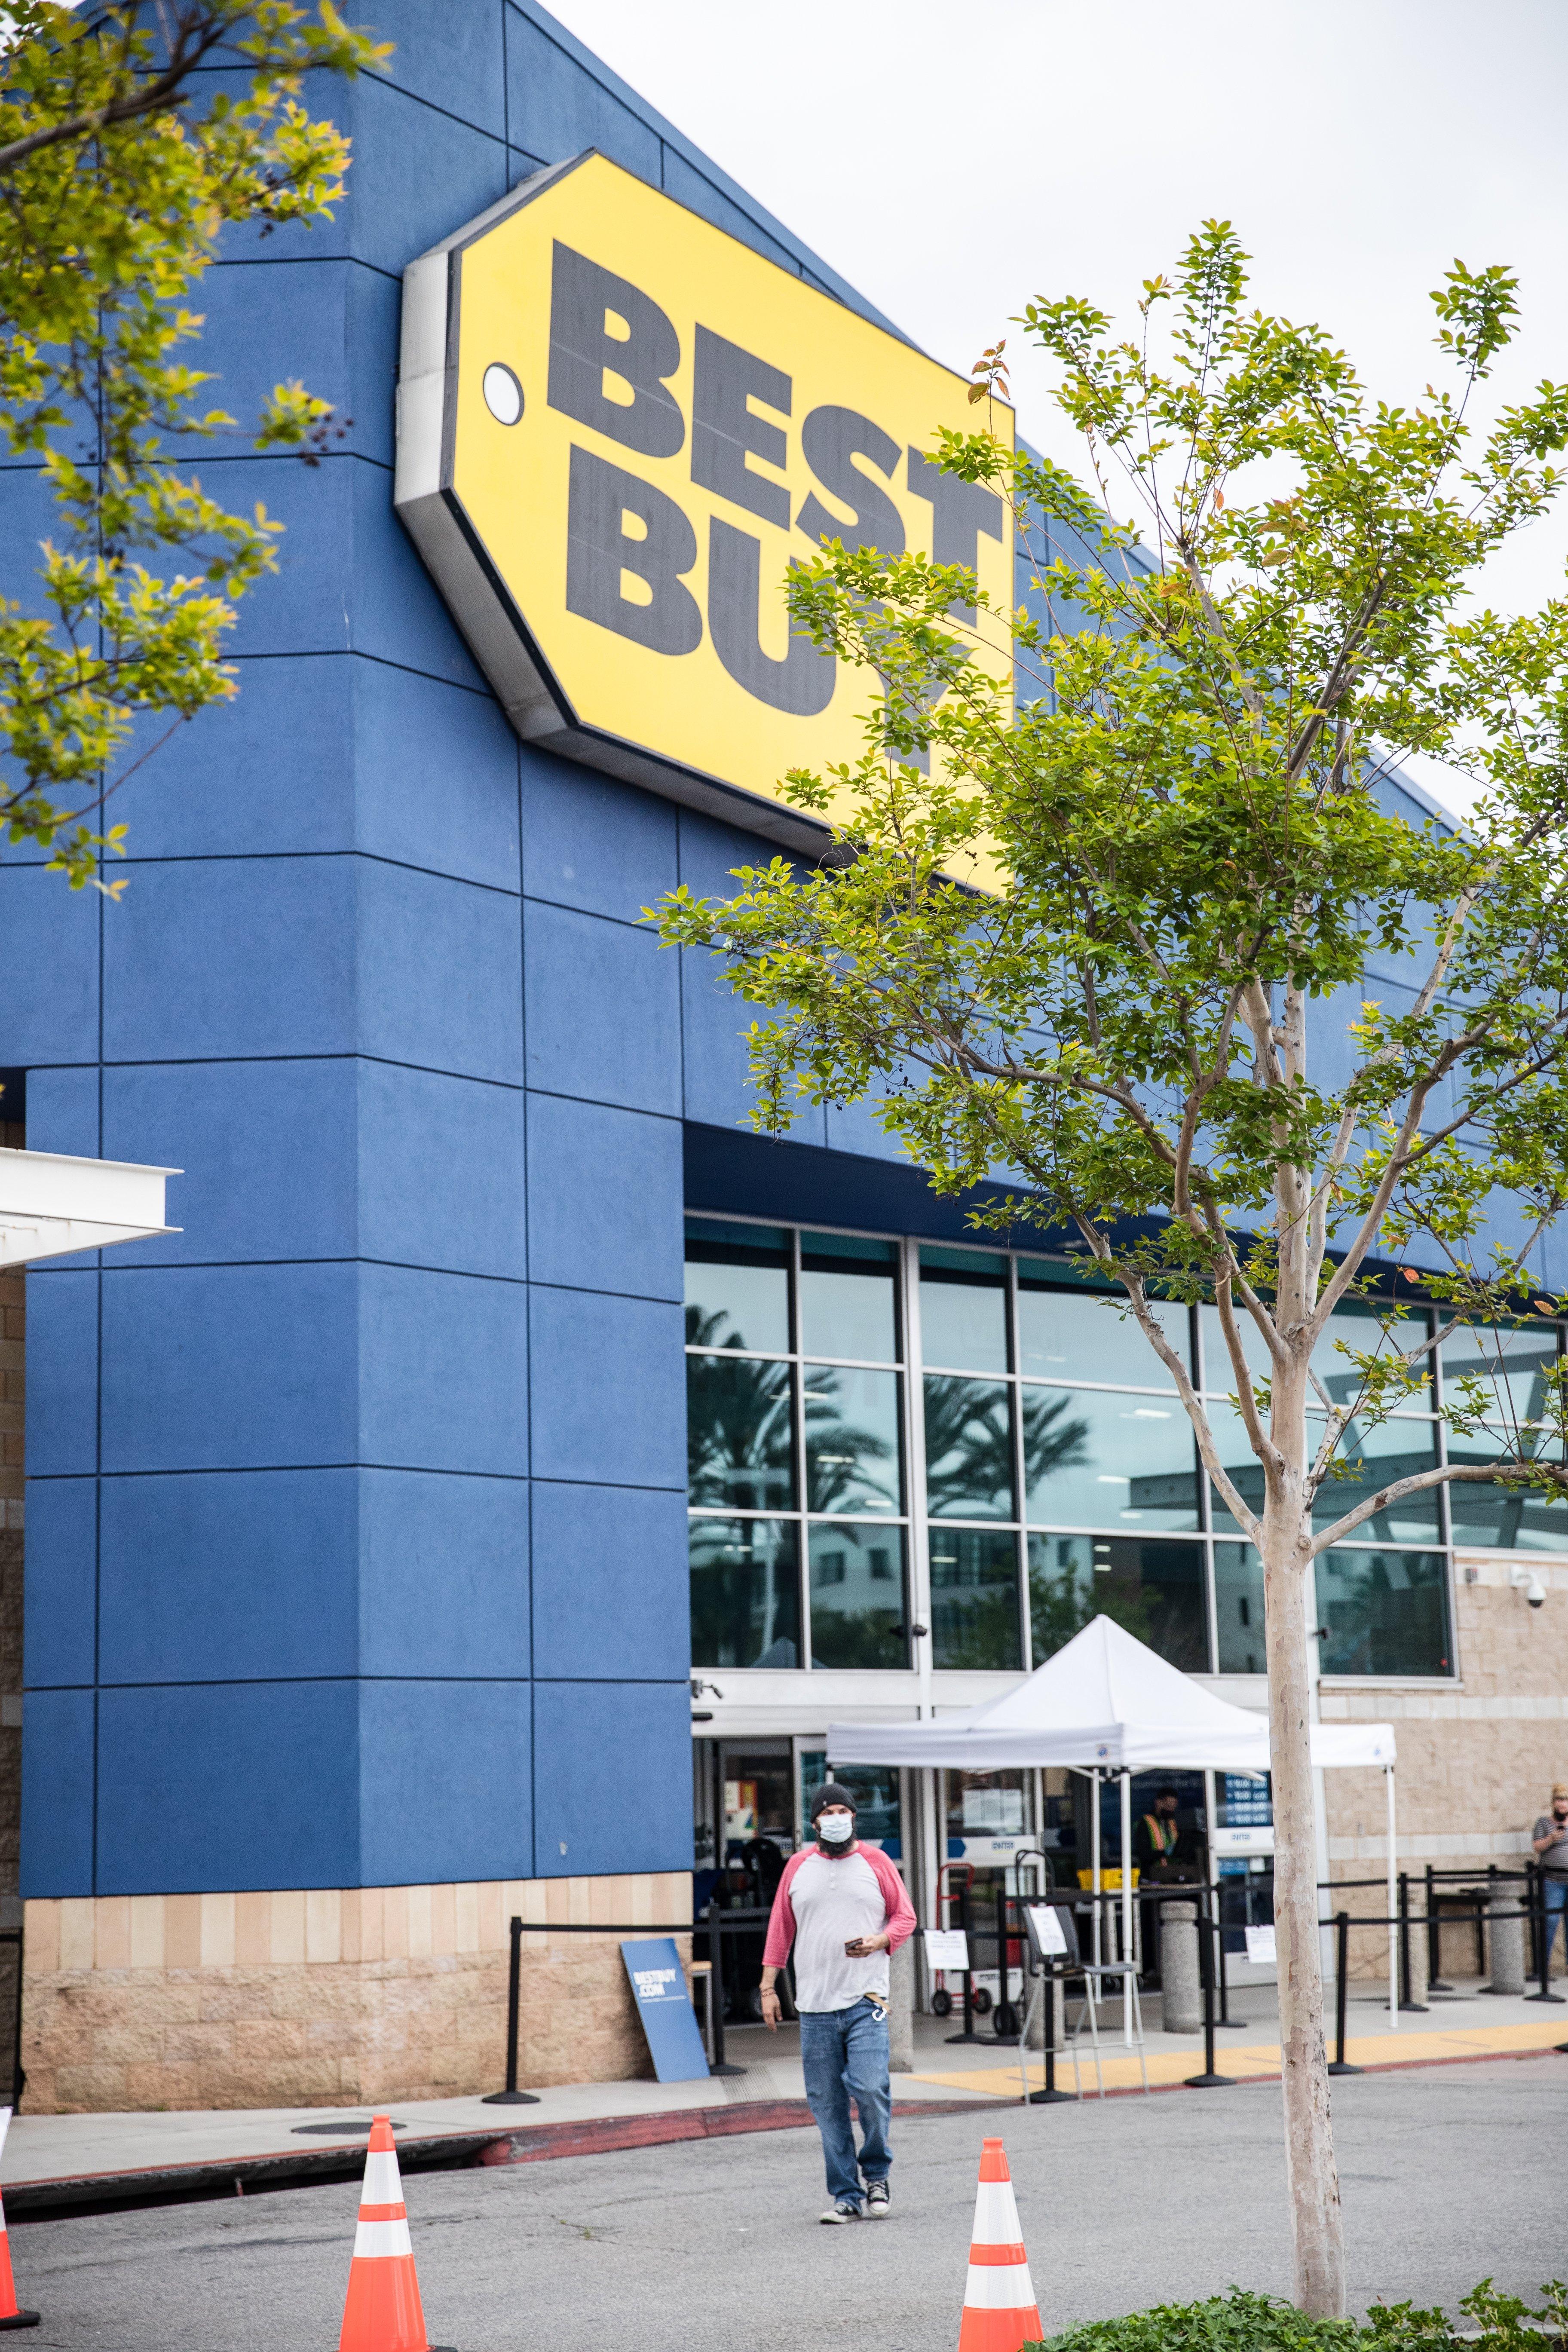 retail market research coronavirus best buy